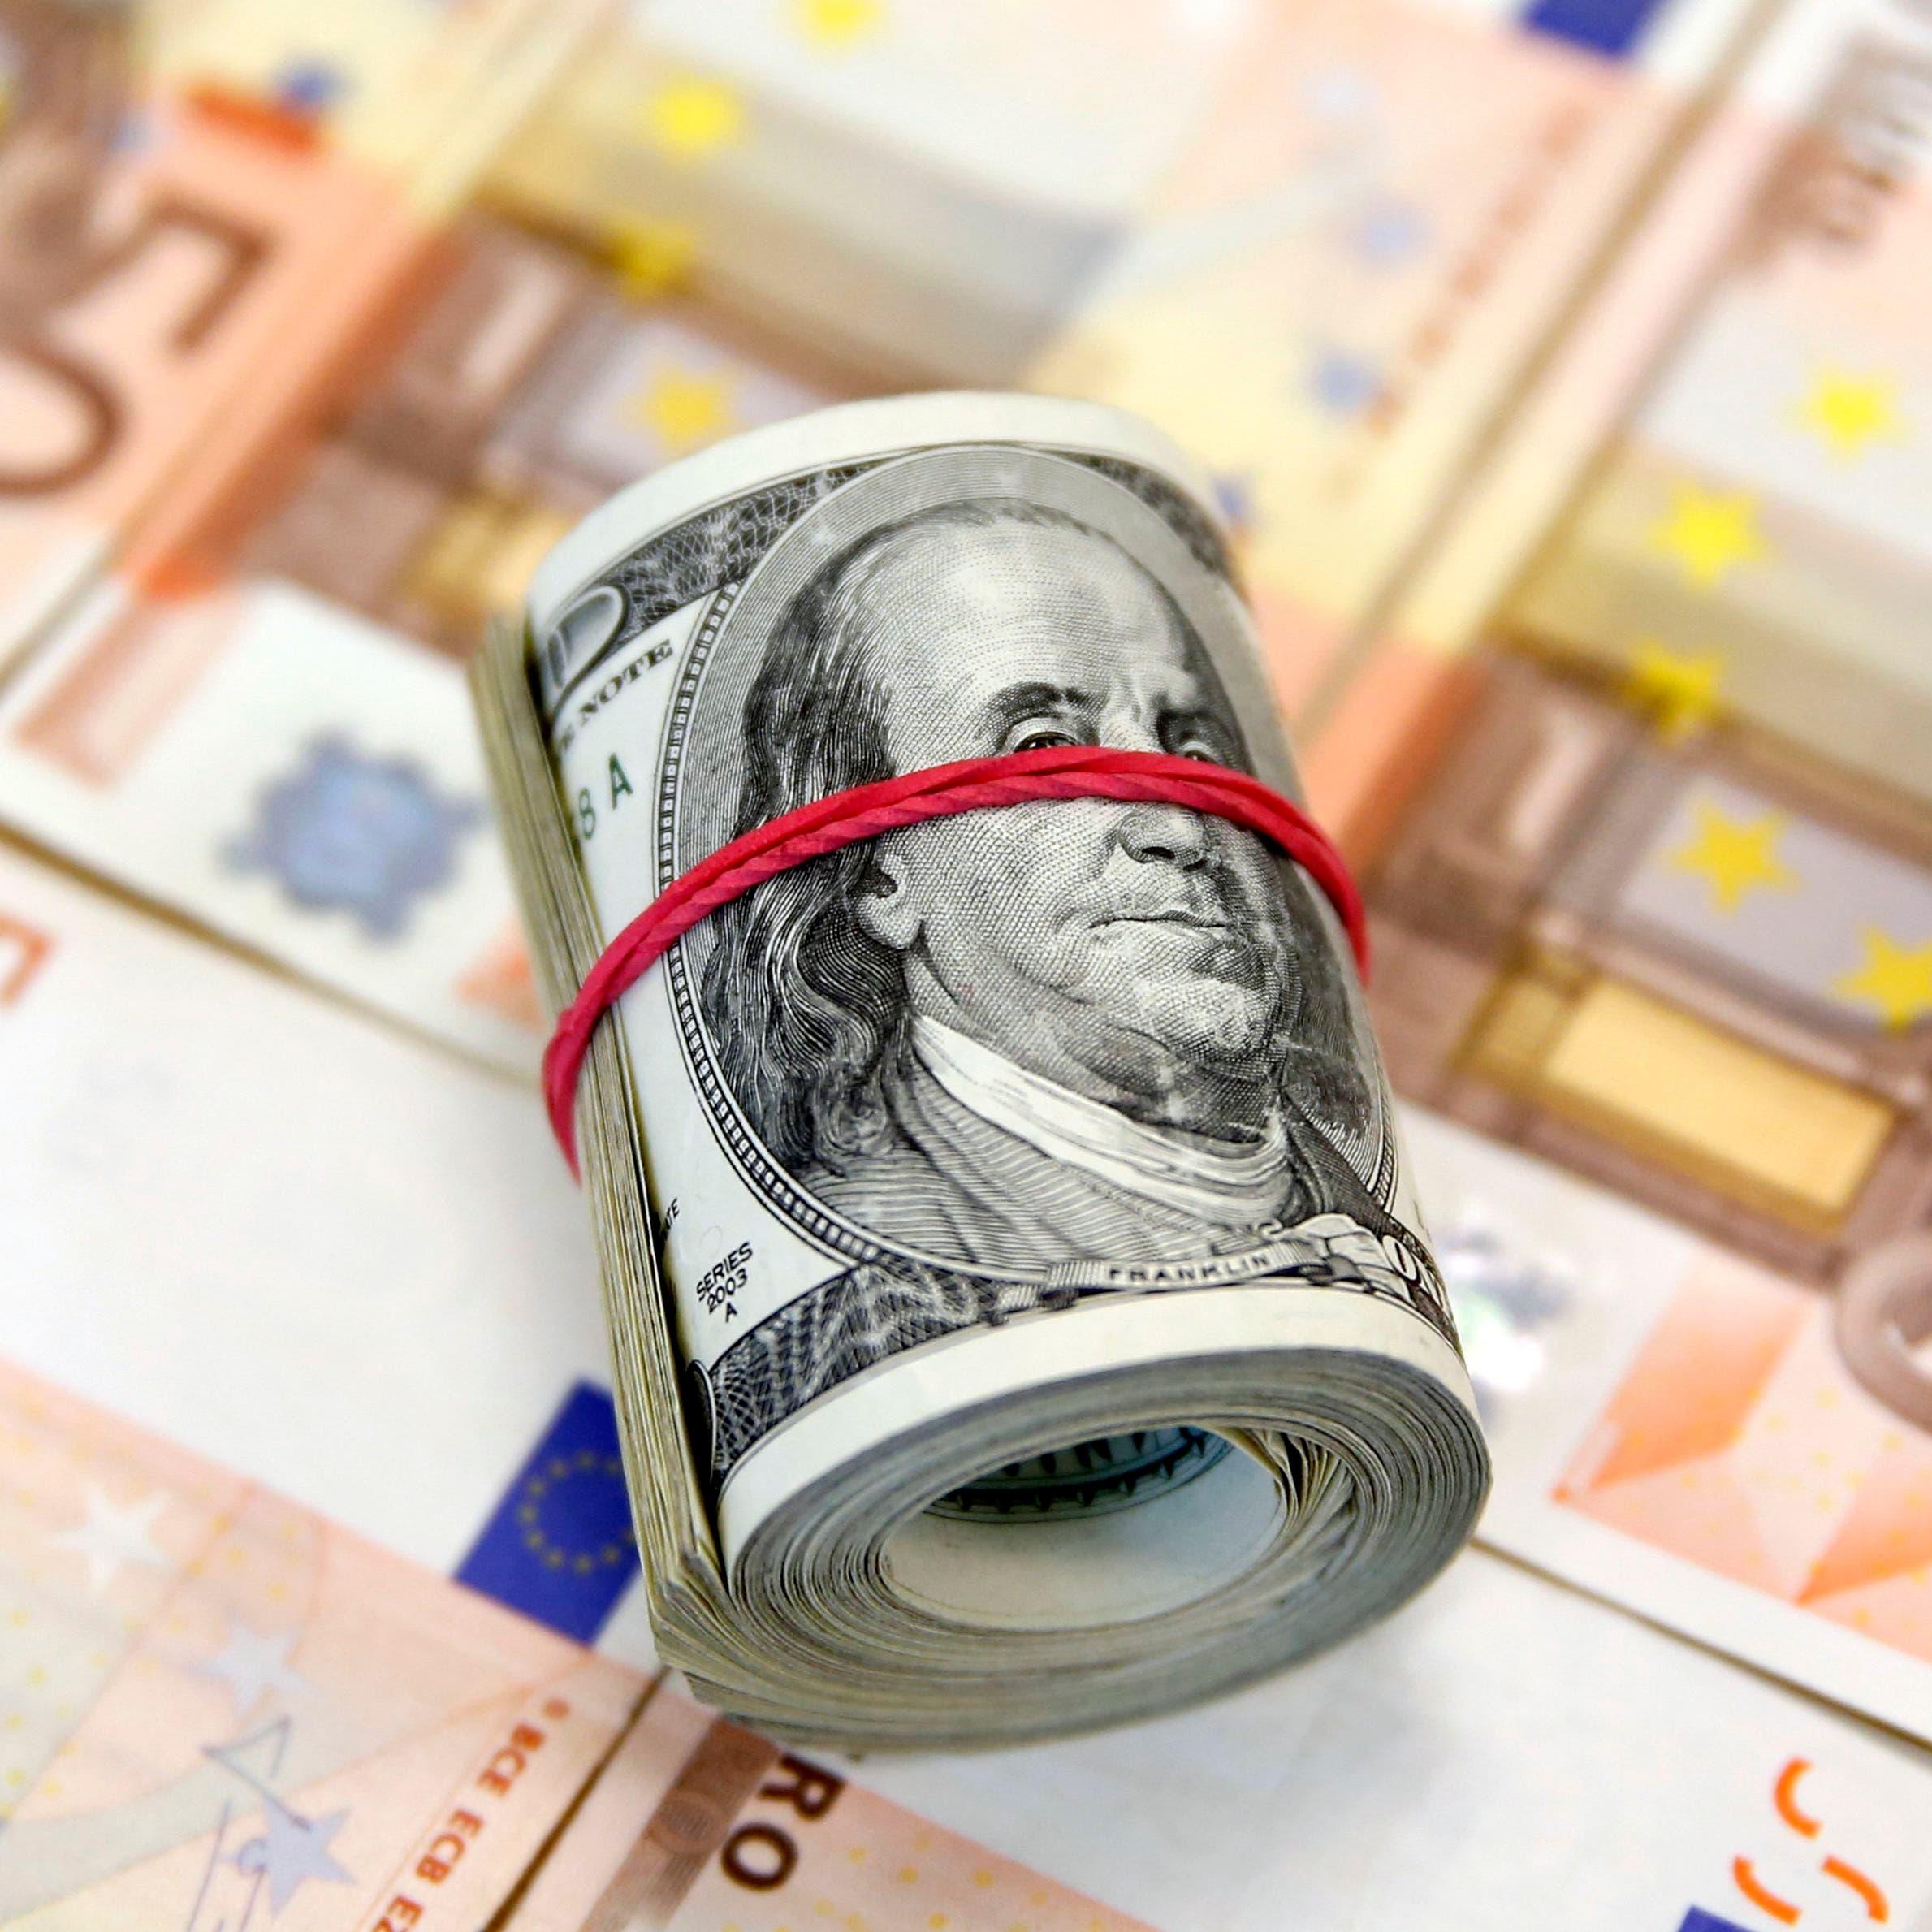 الدولار يتراجع مع تعزيز التفاؤل بشأن بايدن للعملات عالية المخاطر